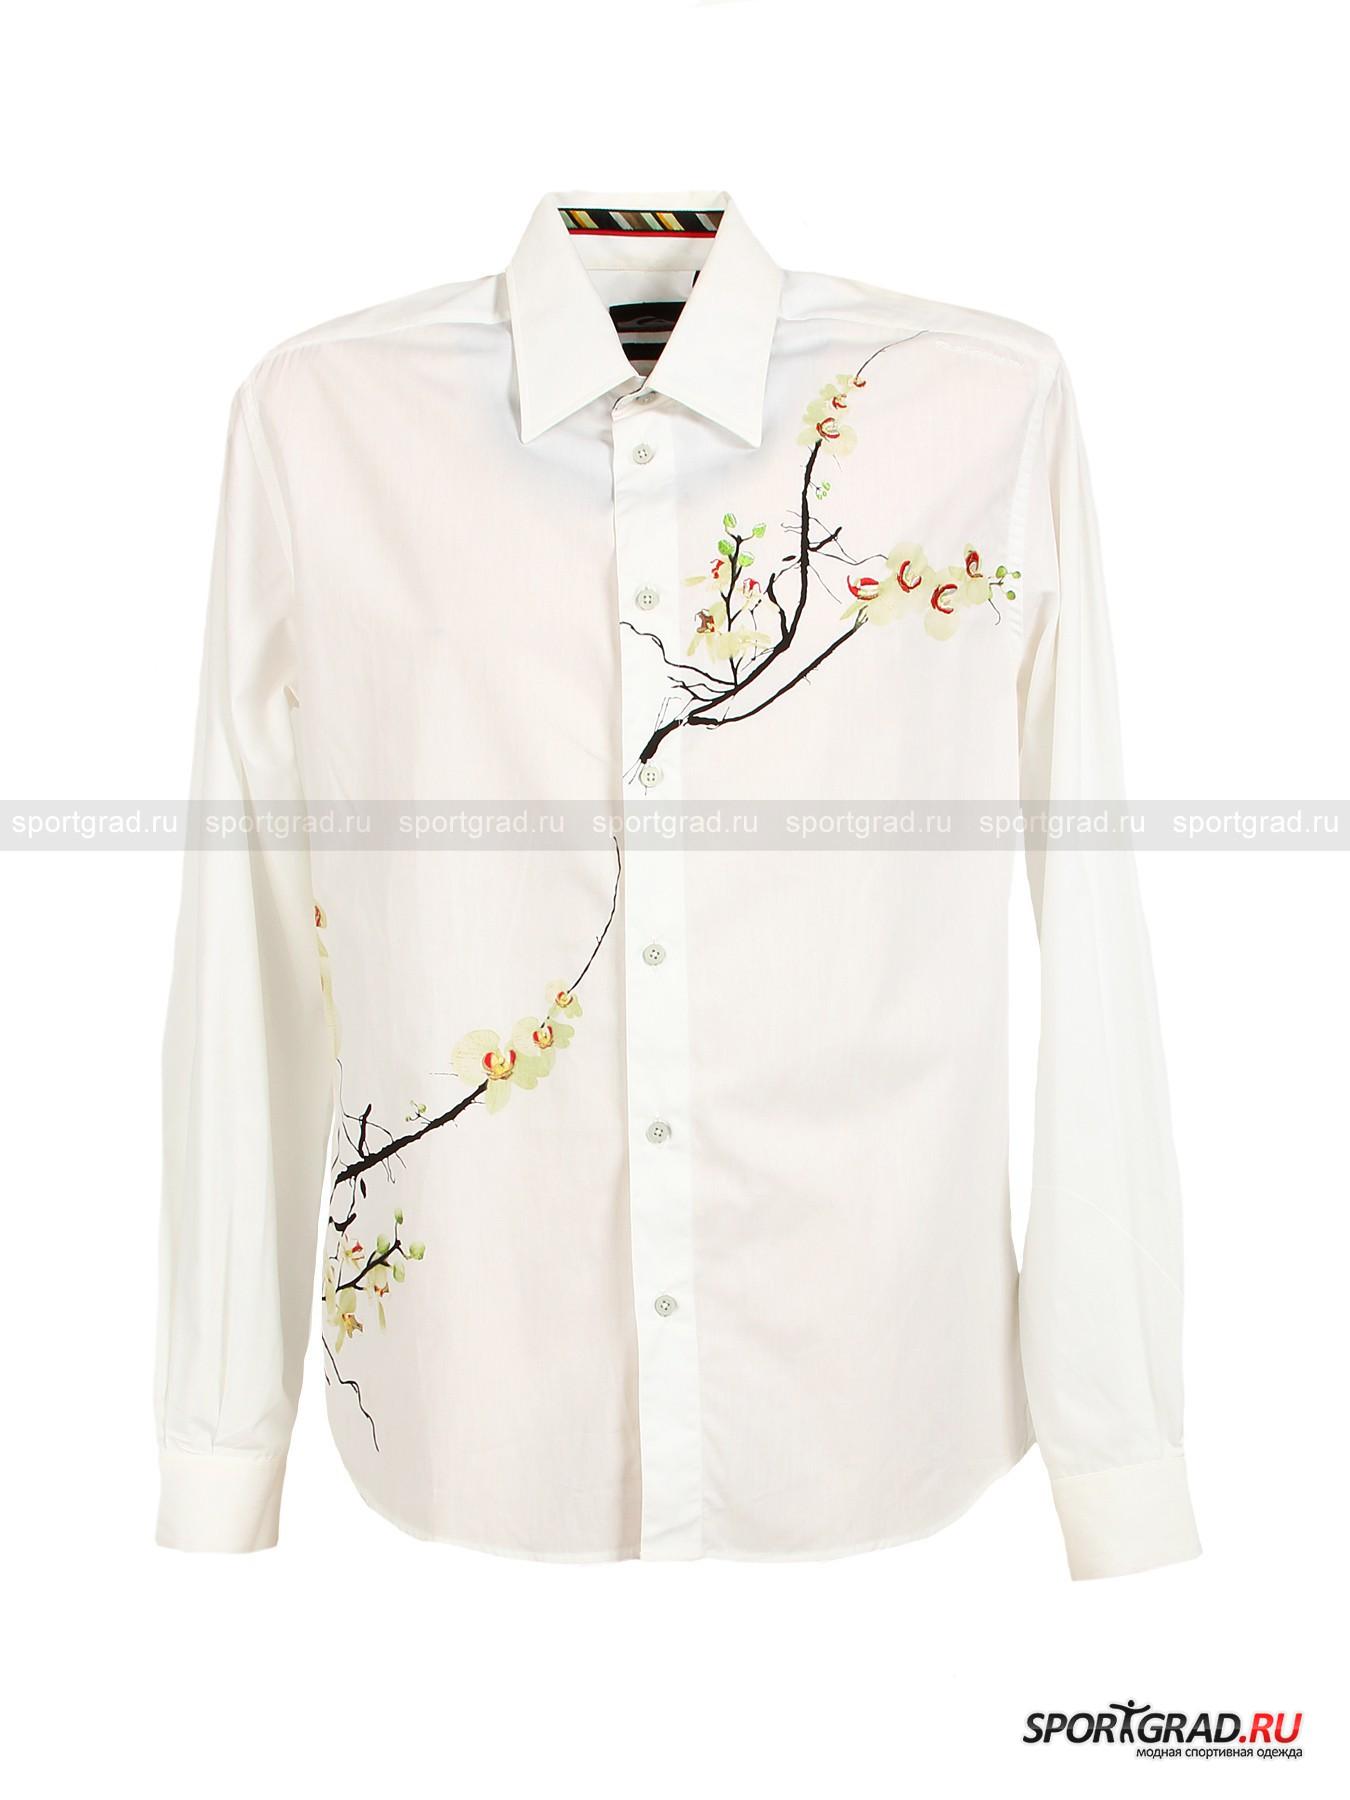 Рубашка мужская AIRBRUSH QUIKSILVER от Спортград